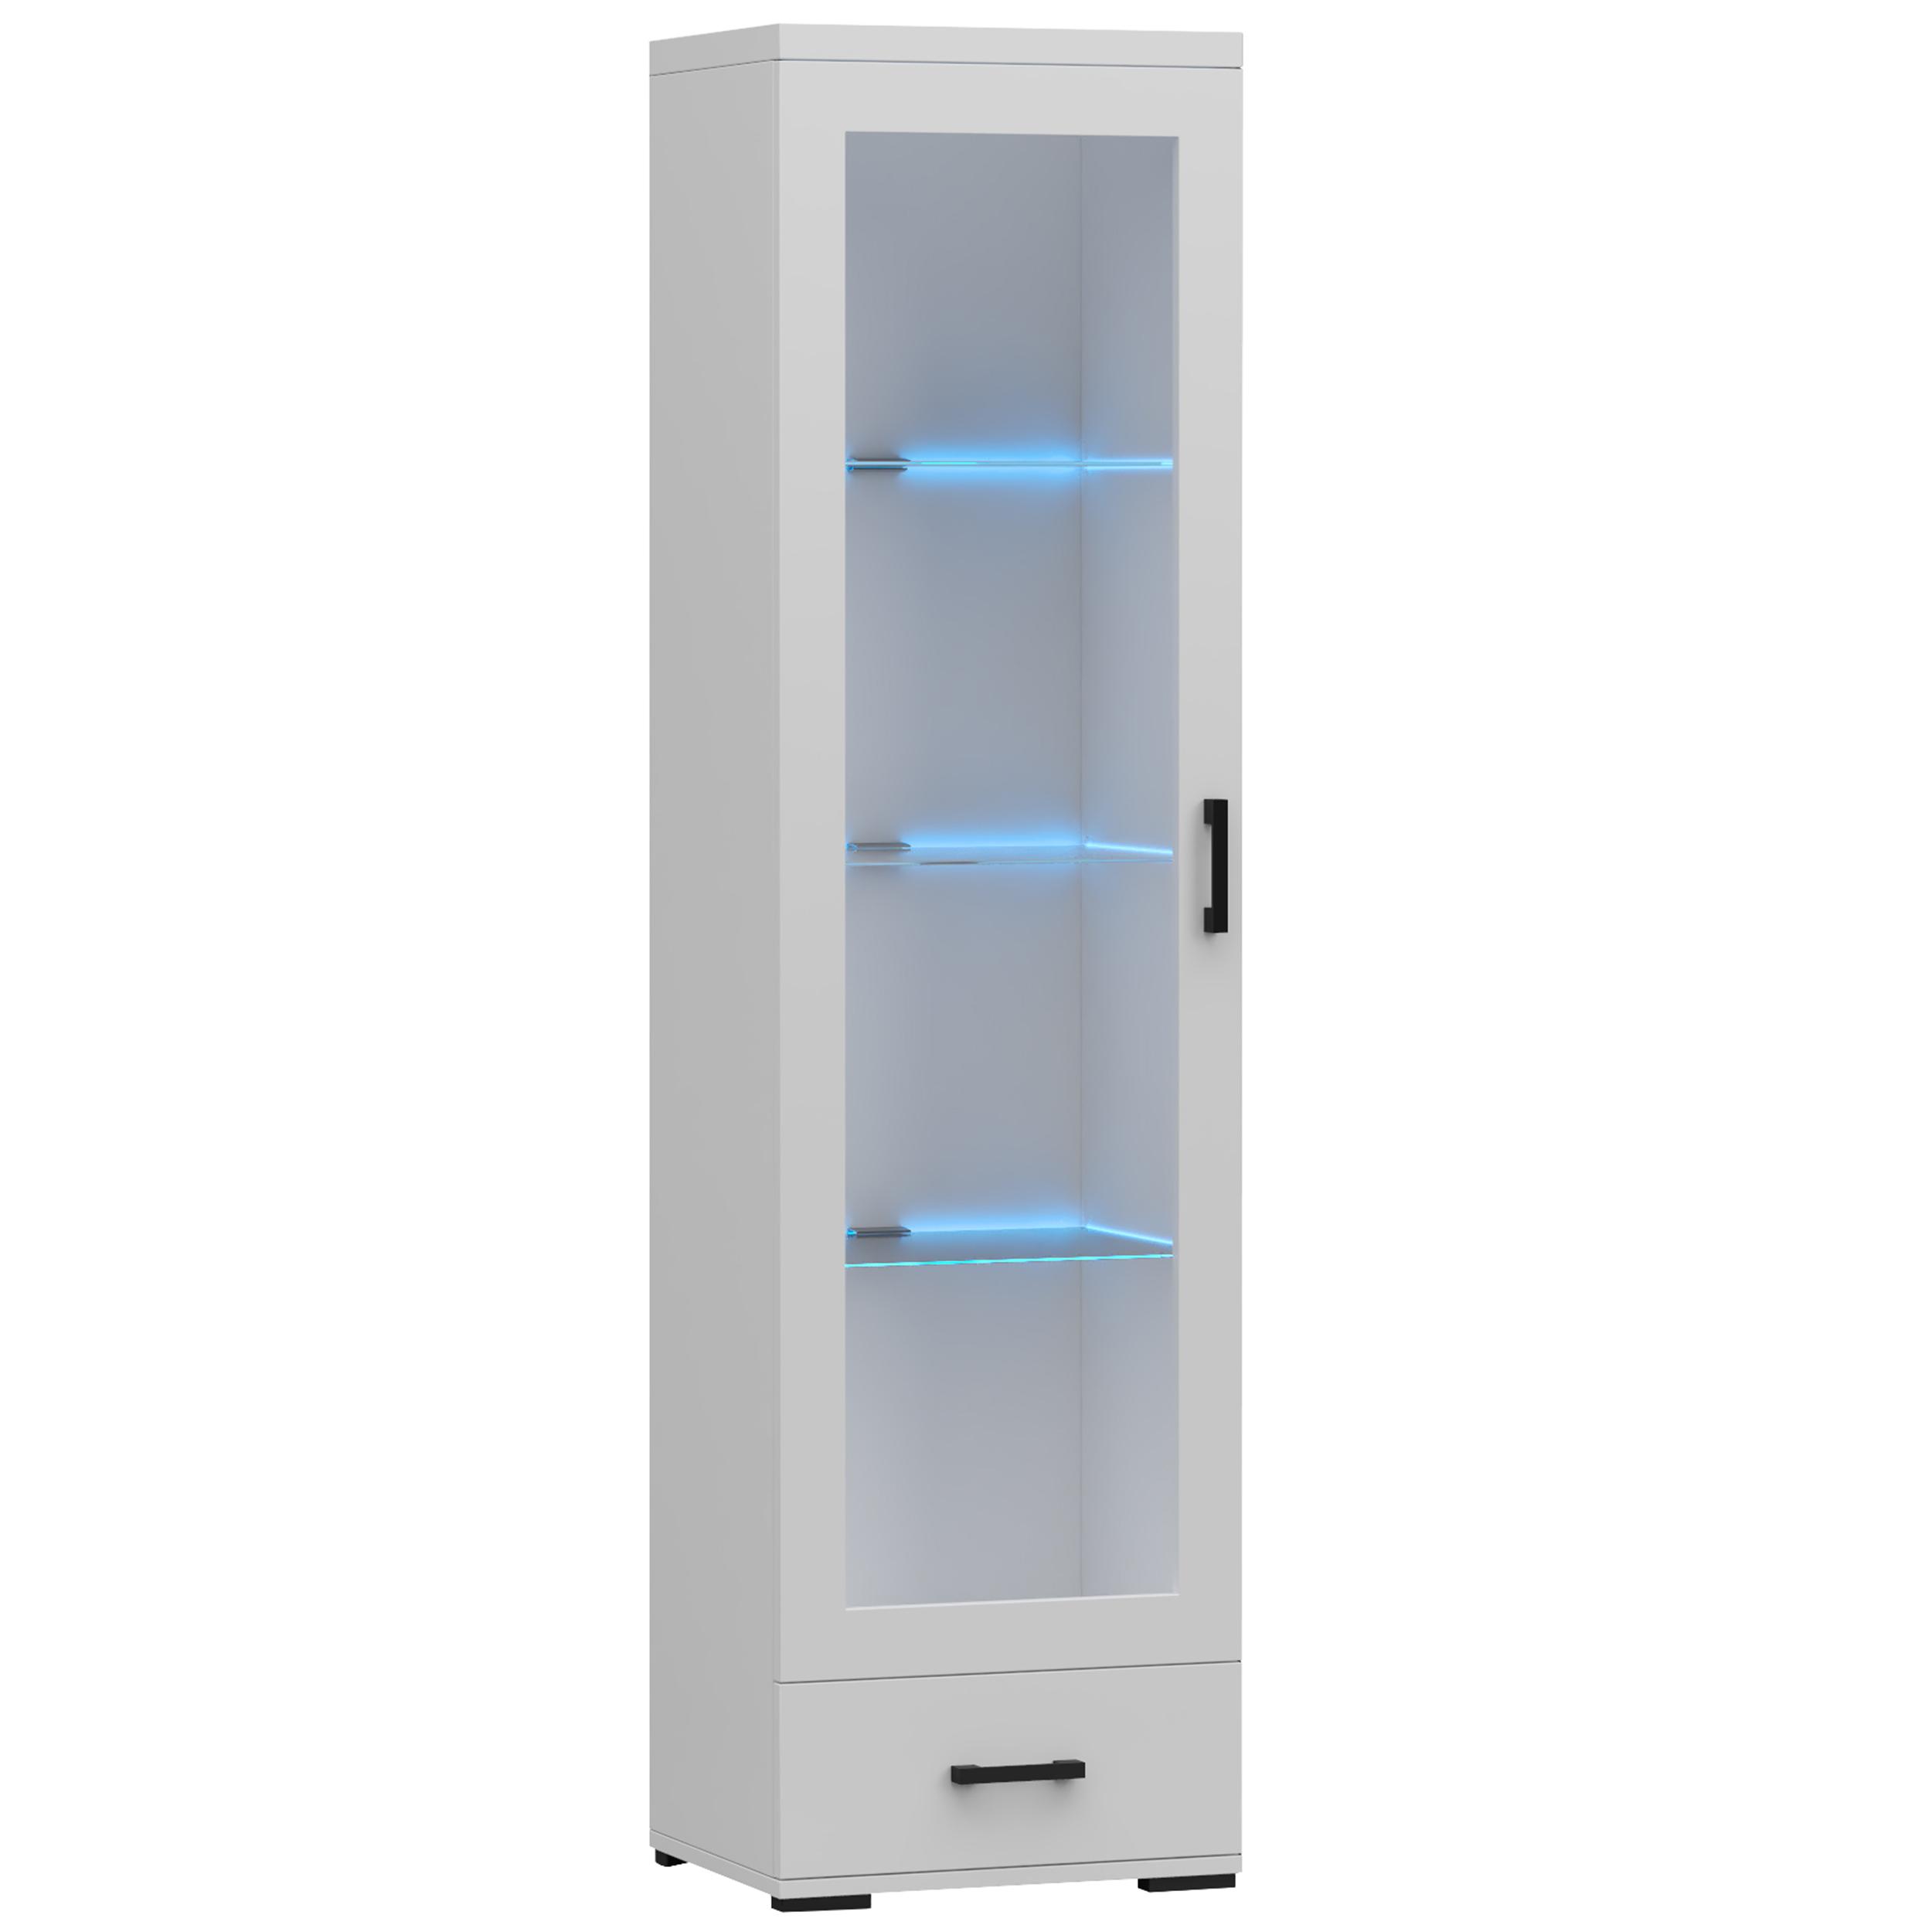 Витрина с ящиком 50 см, светодиодный вариант - Белый